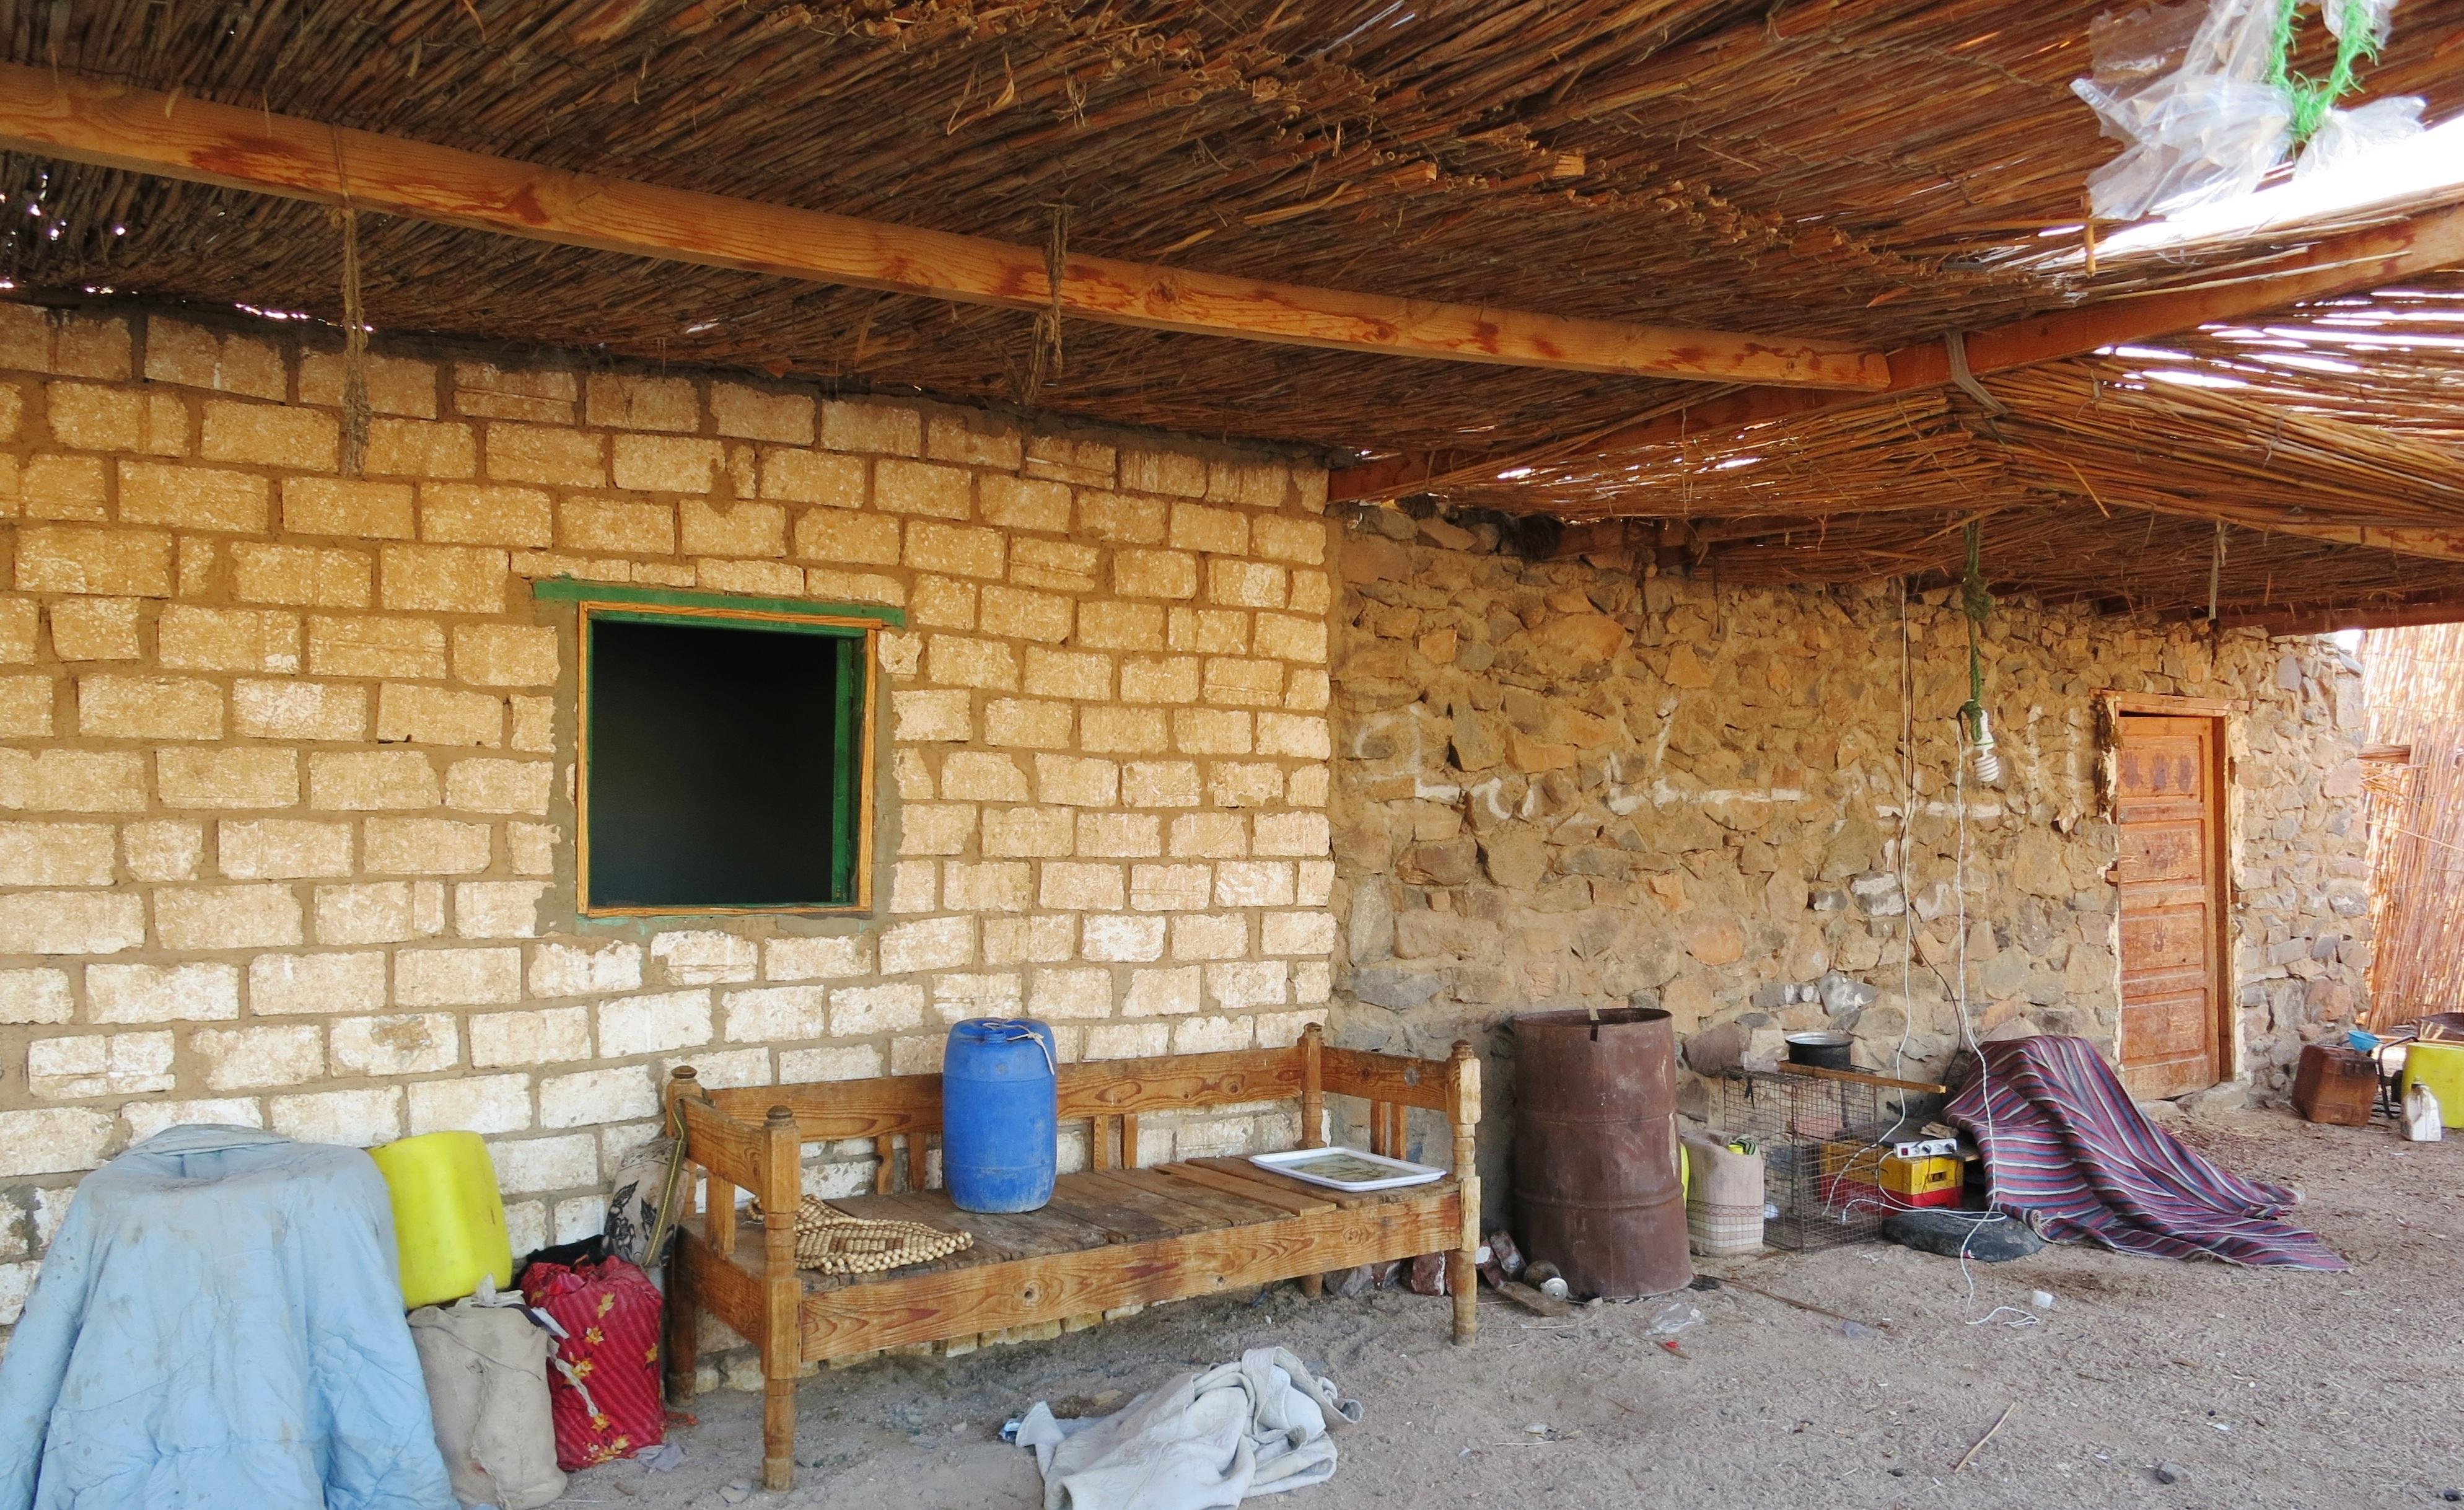 Gratis afbeeldingen hout woestijn gebouw schuur huis hut bar huisje eigendom kamer - Huis bar ...